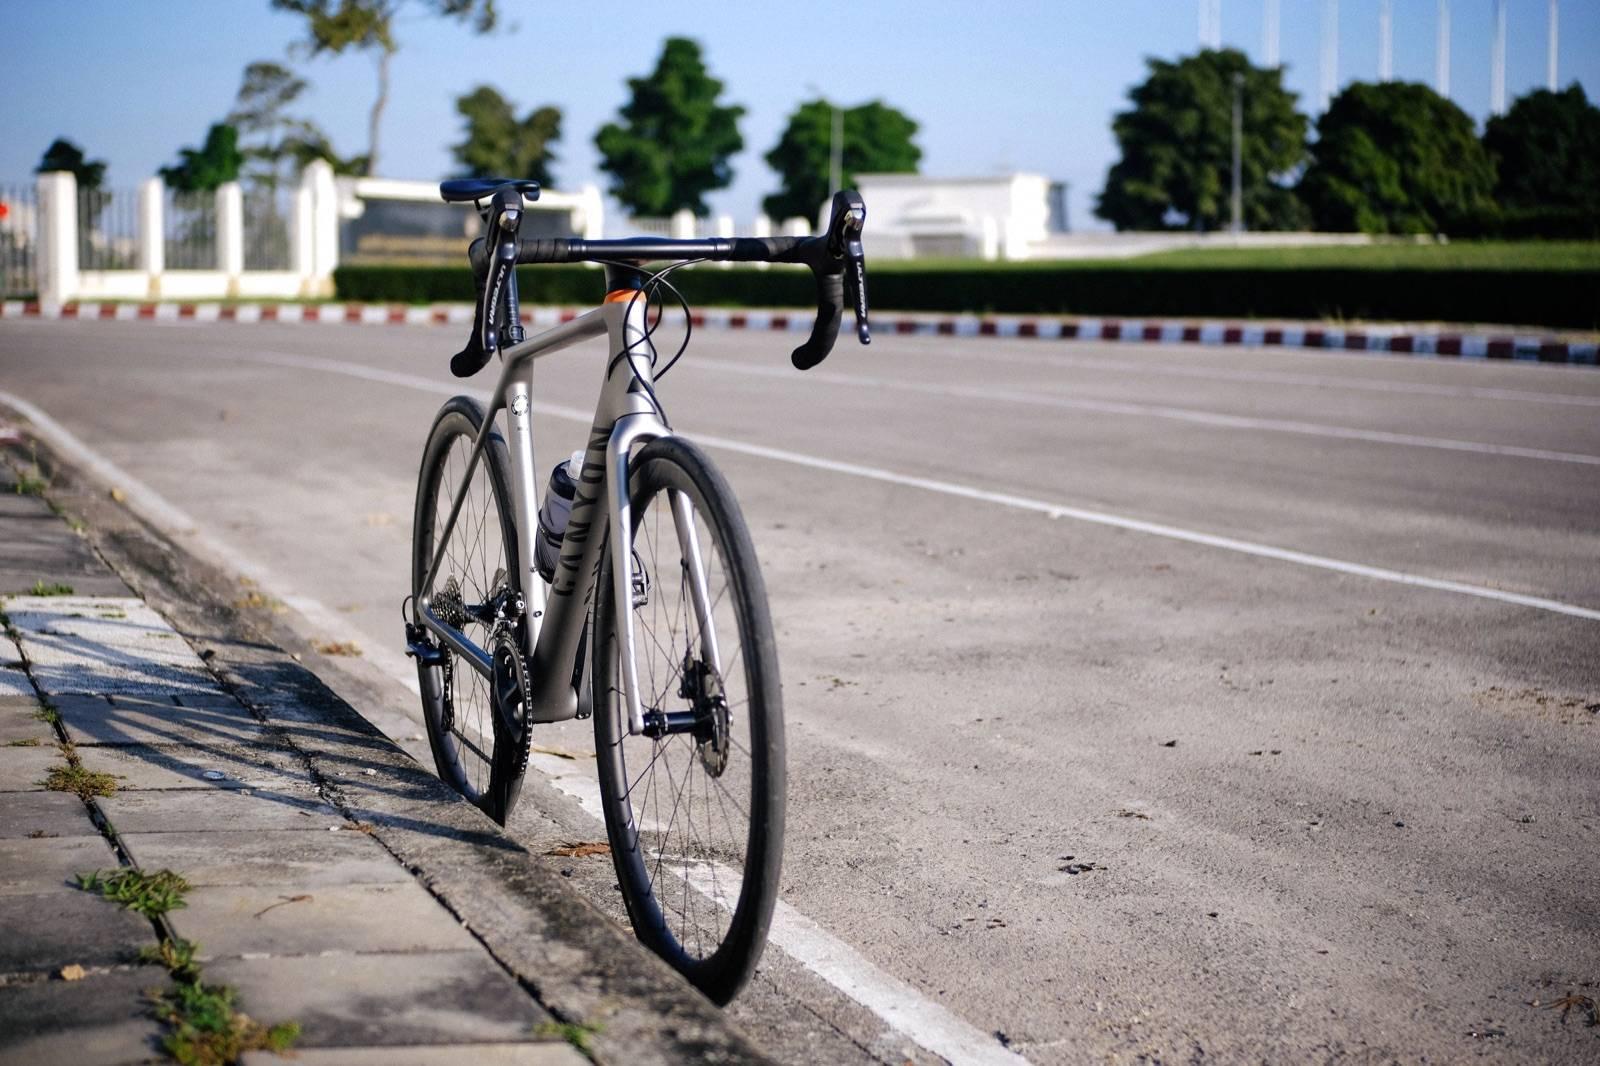 จักรยาน Canyon Endurace CF SL มองจากด้านหน้า